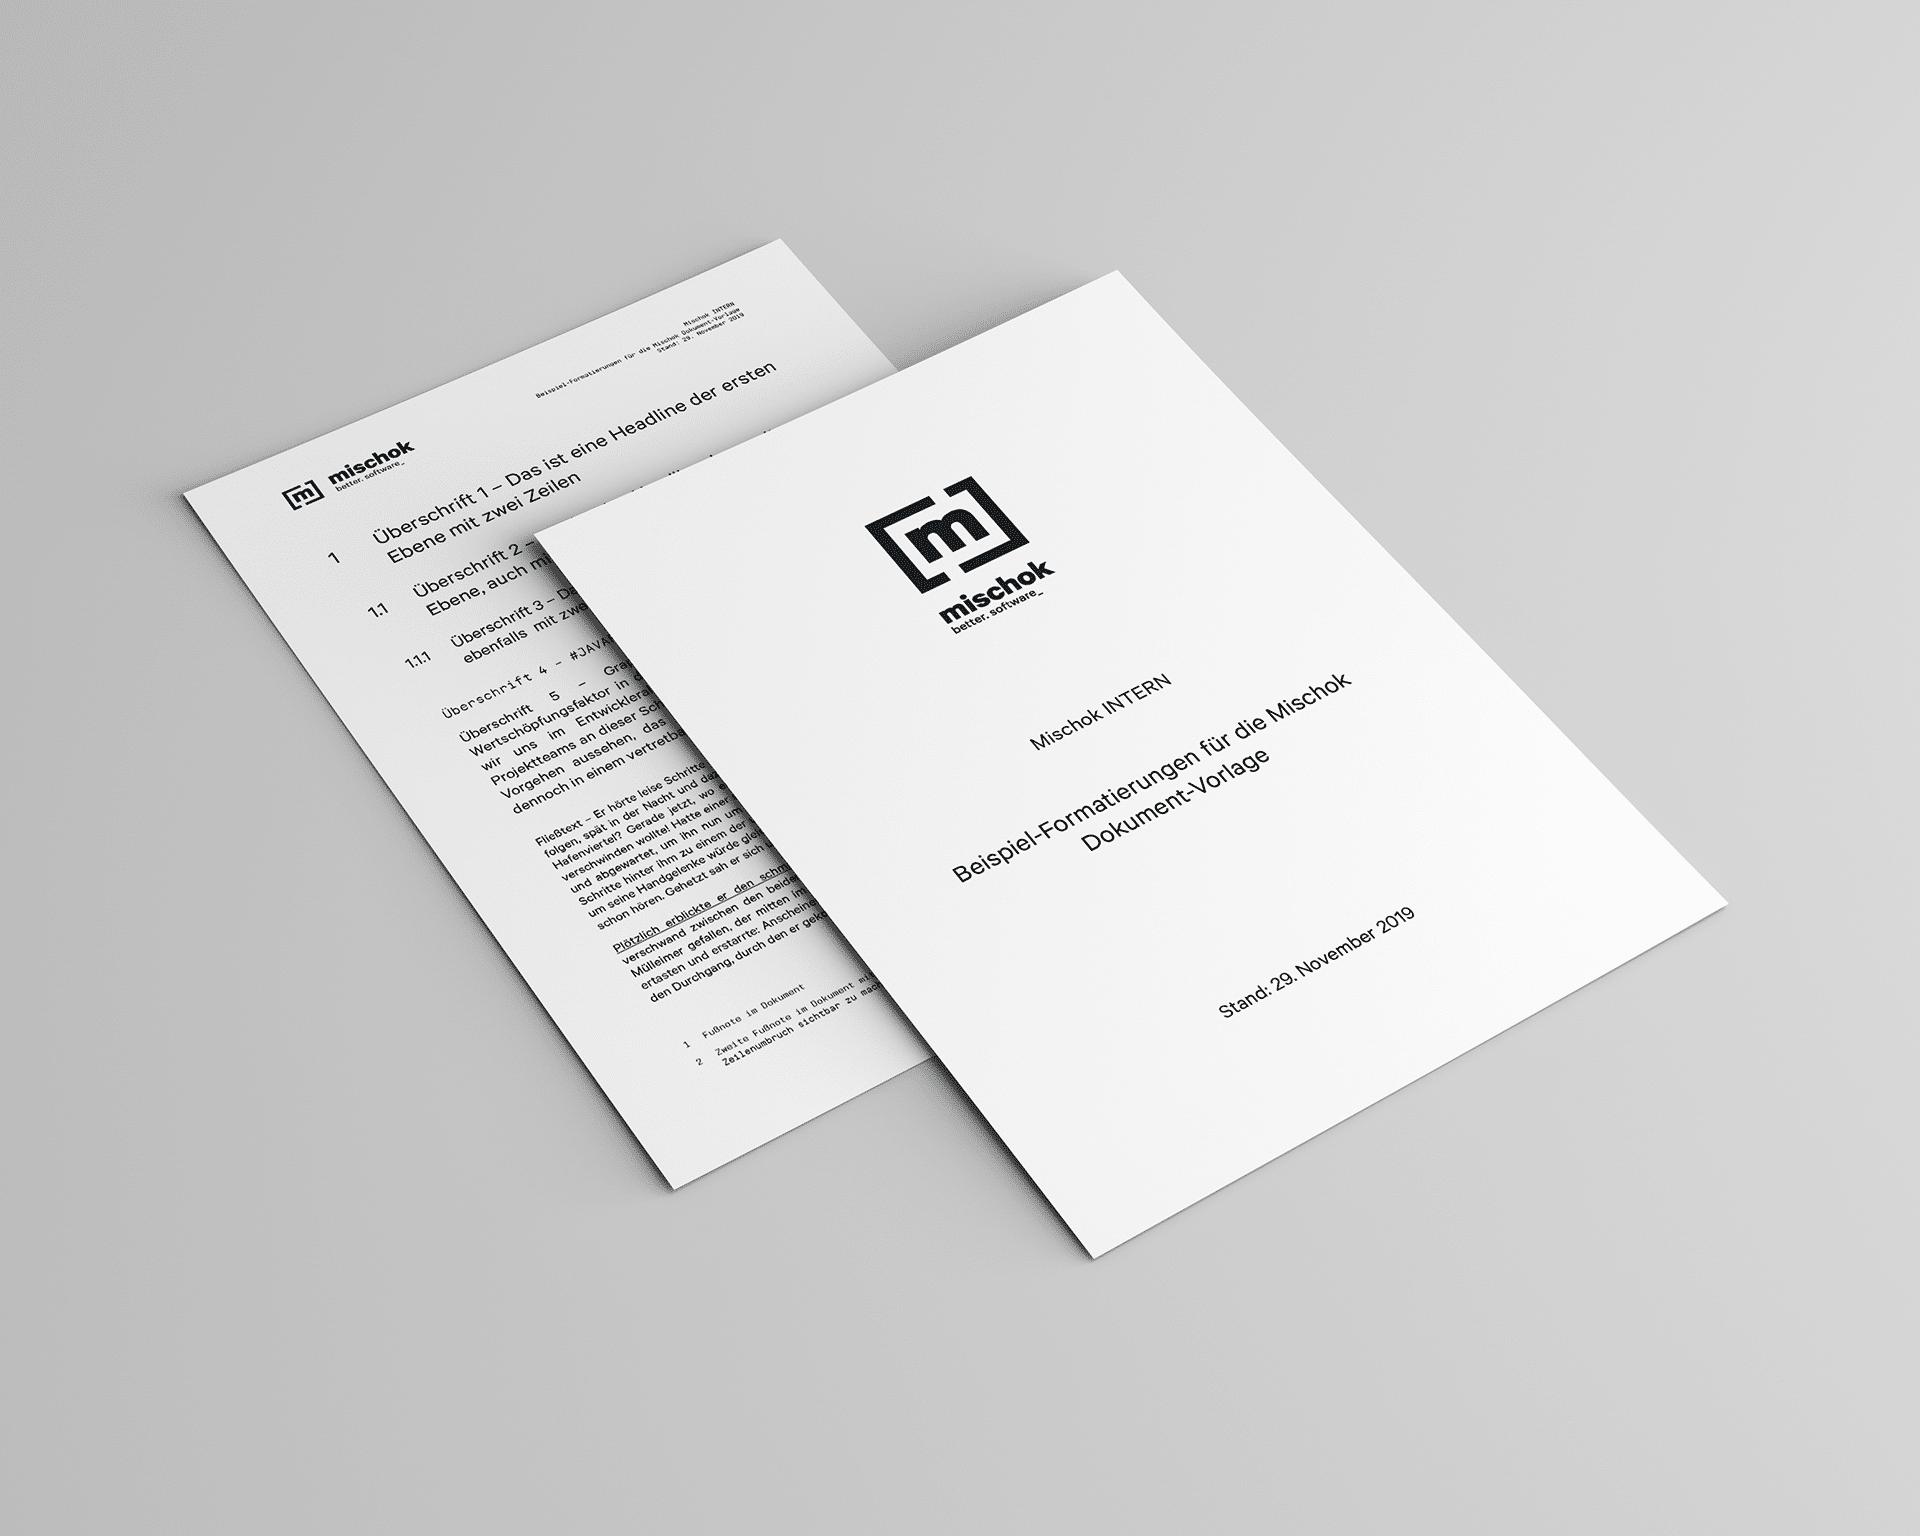 mischok-mockup-dokumente_web_xxl